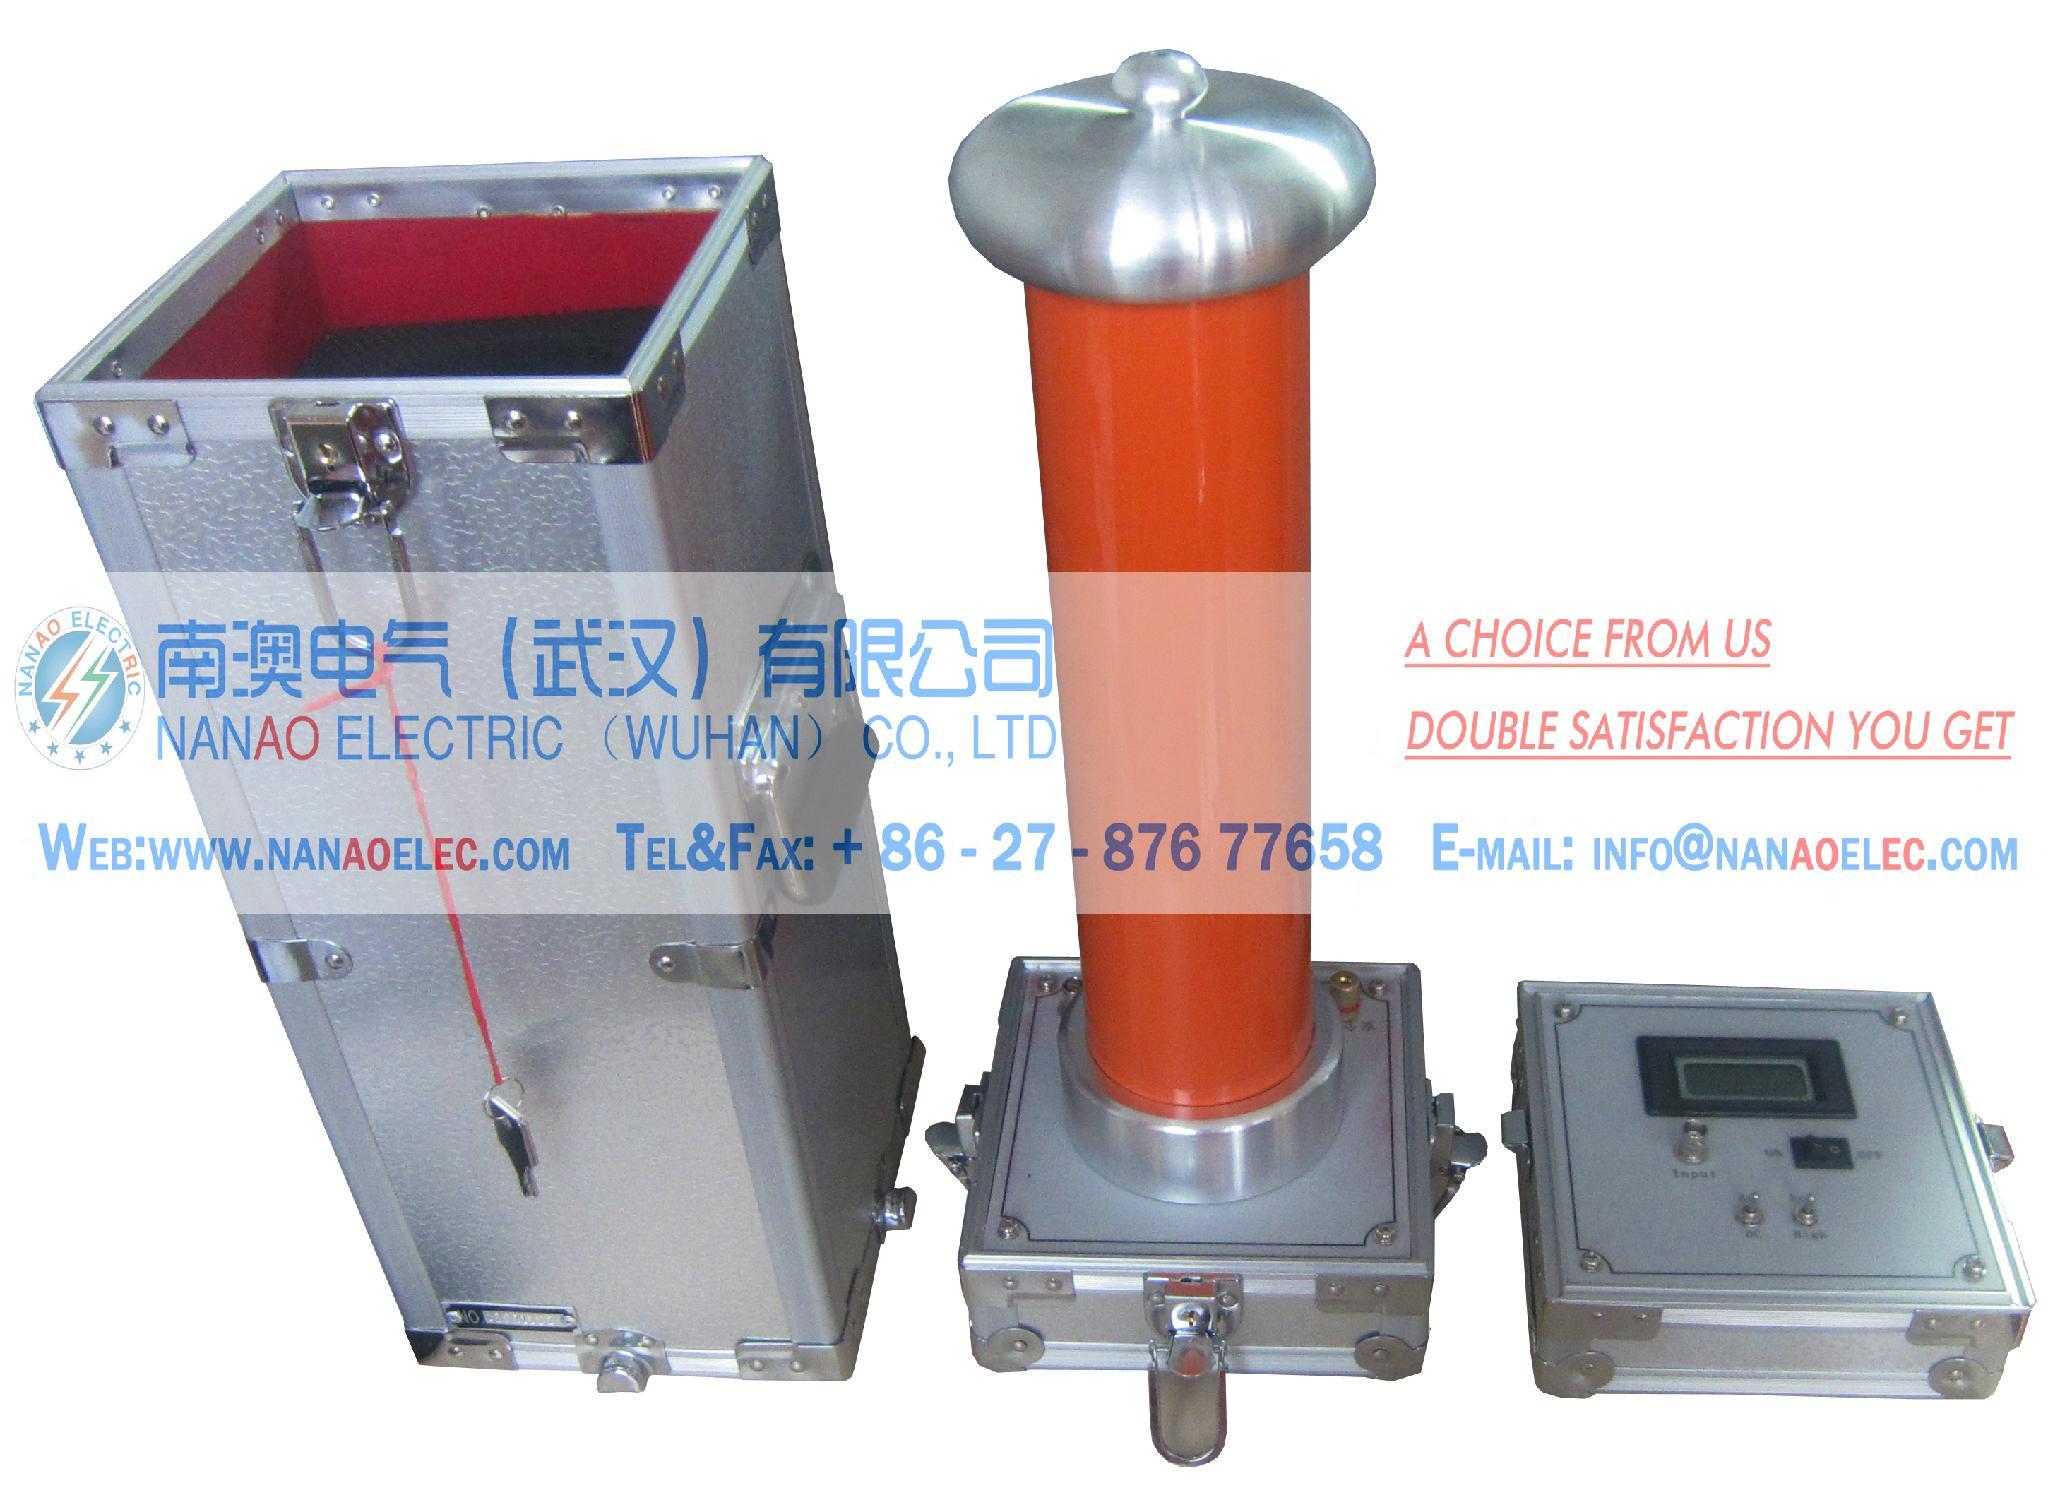 南澳電氣生產NAZGF直流高壓發生器 3